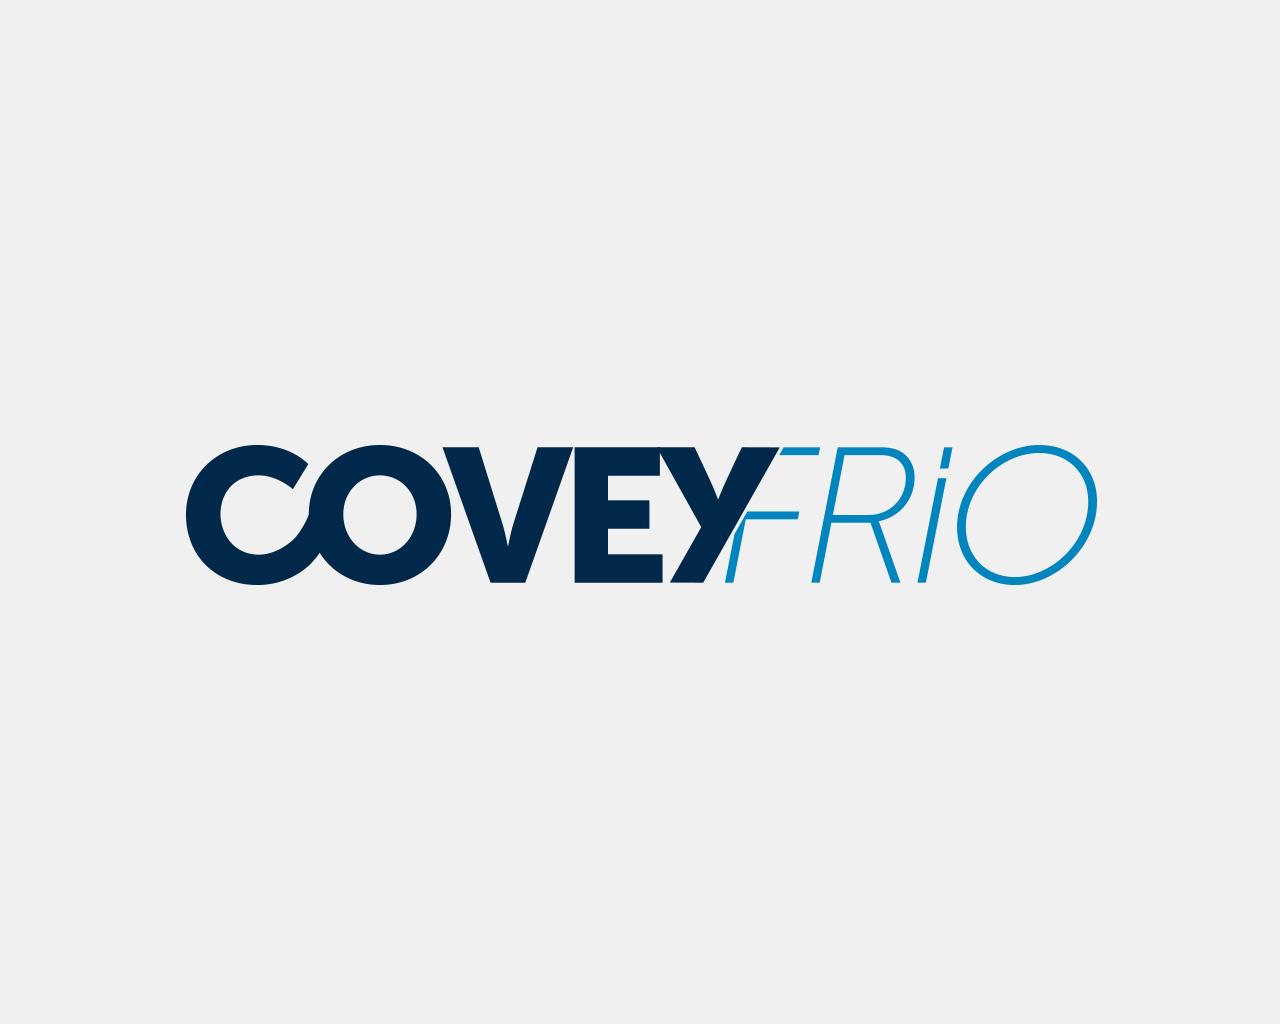 Logo Covey Frío diseñado por Momo & Cía.